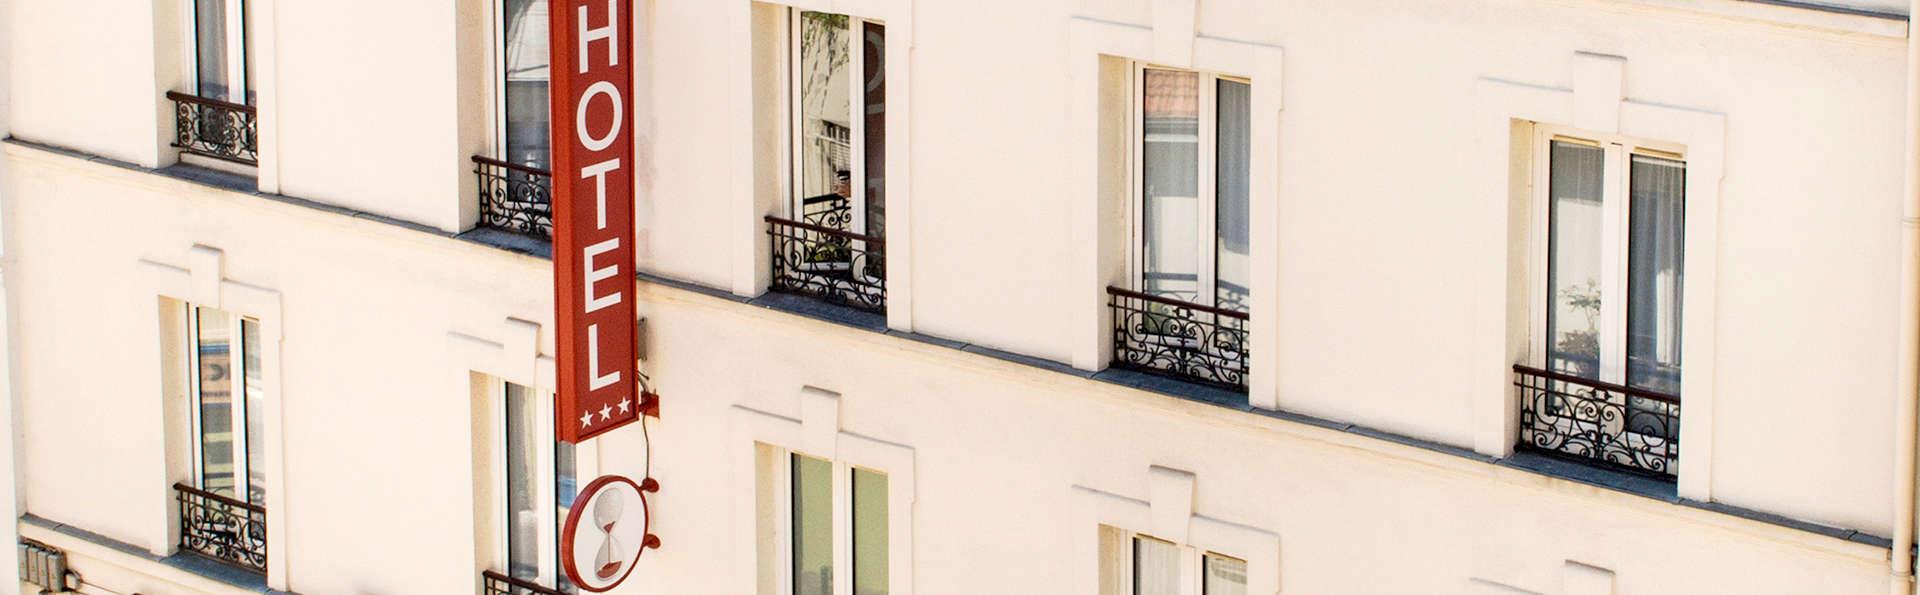 Ariane Montparnasse - Edit_Front.jpg